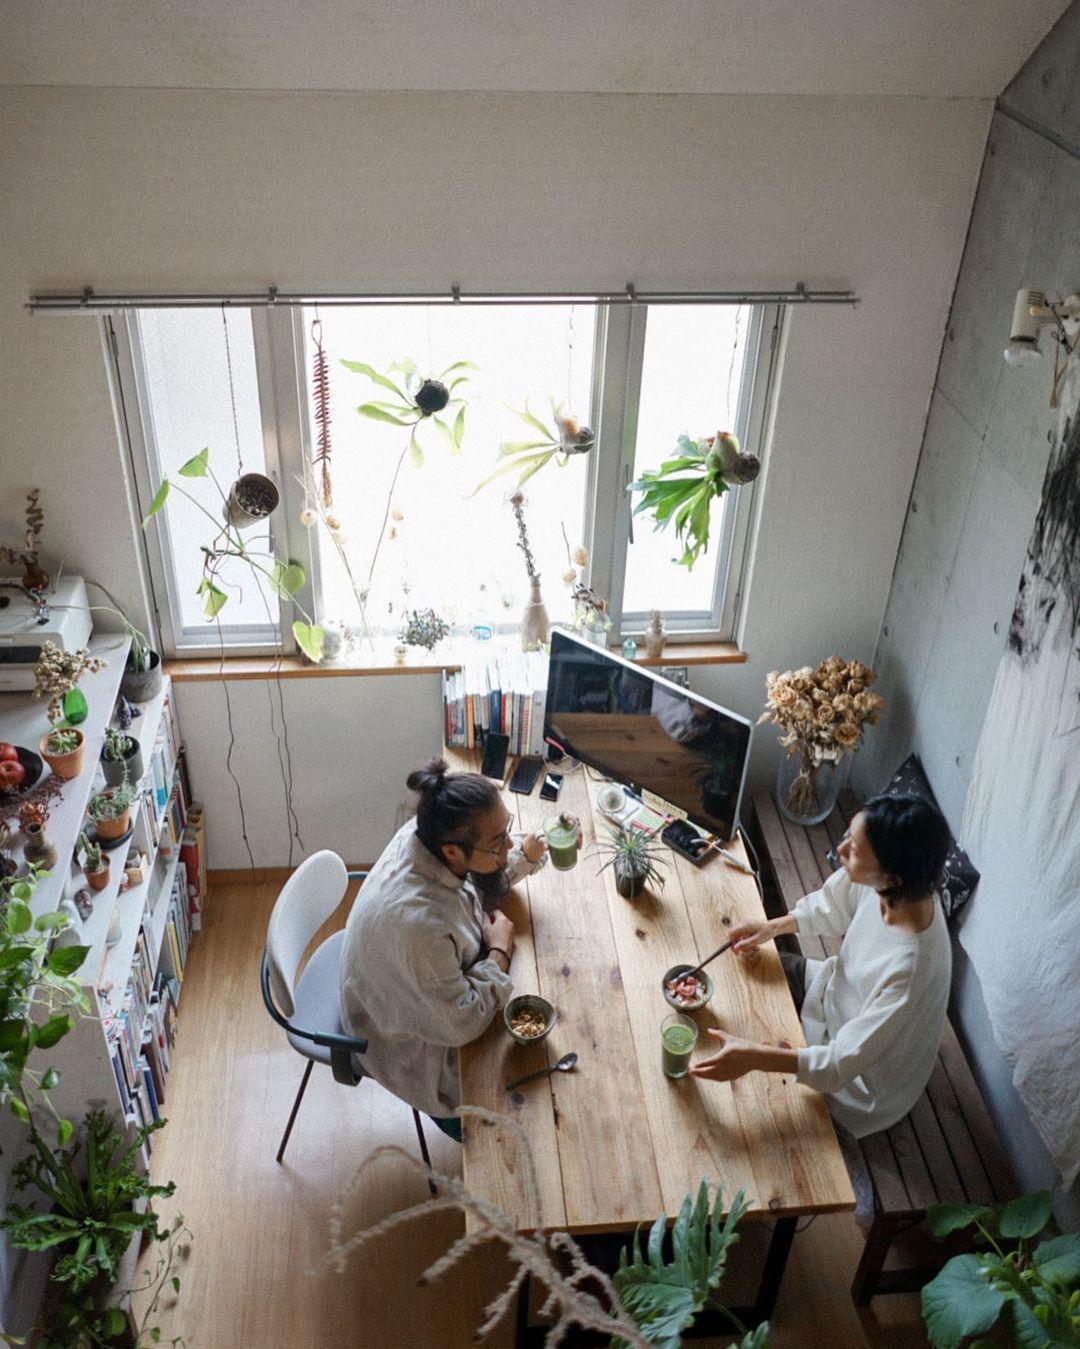 ご夫婦ともにデザイナーとして活躍されている、Apartment 204さん。 2019年にロンドンから帰国され、選ばれたのは、仕切りの一切ない60㎡のメゾネットのお部屋。「日本に帰ってきてから部屋探しをしていると、天井が低くて圧迫感があって。この部屋は天井がすごく高いので、広さと抜け感が一番の決め手になりました」